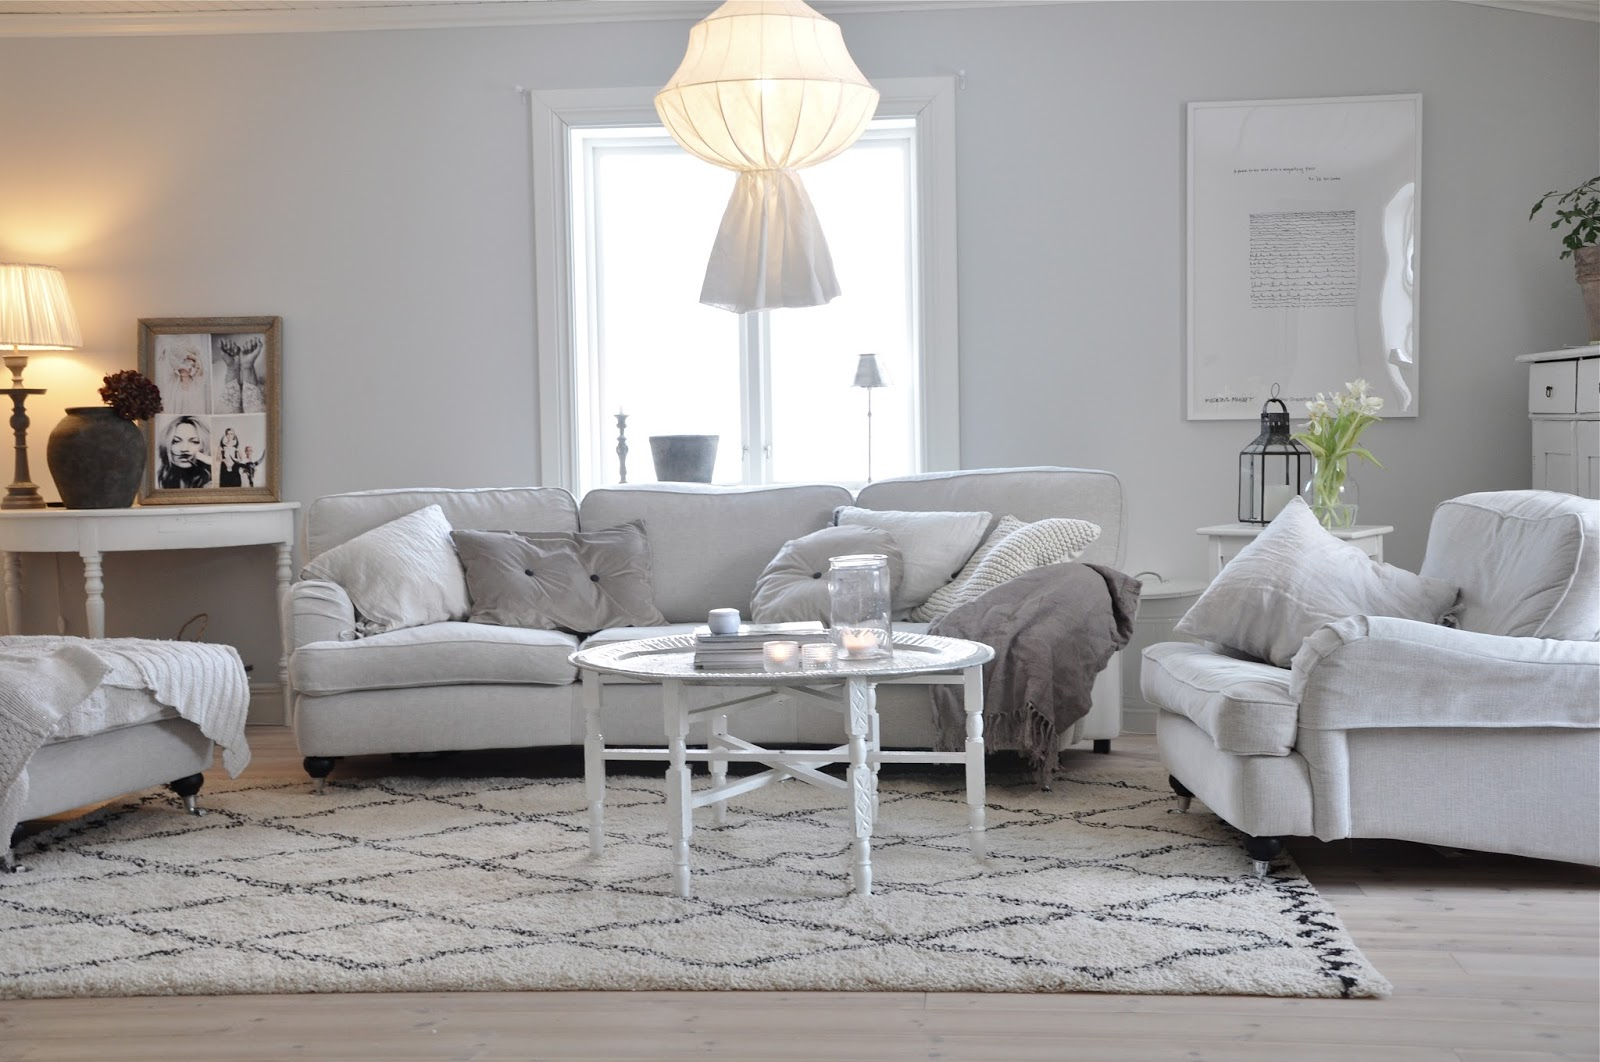 Marias vita bo: vardagsrum i dagsljus